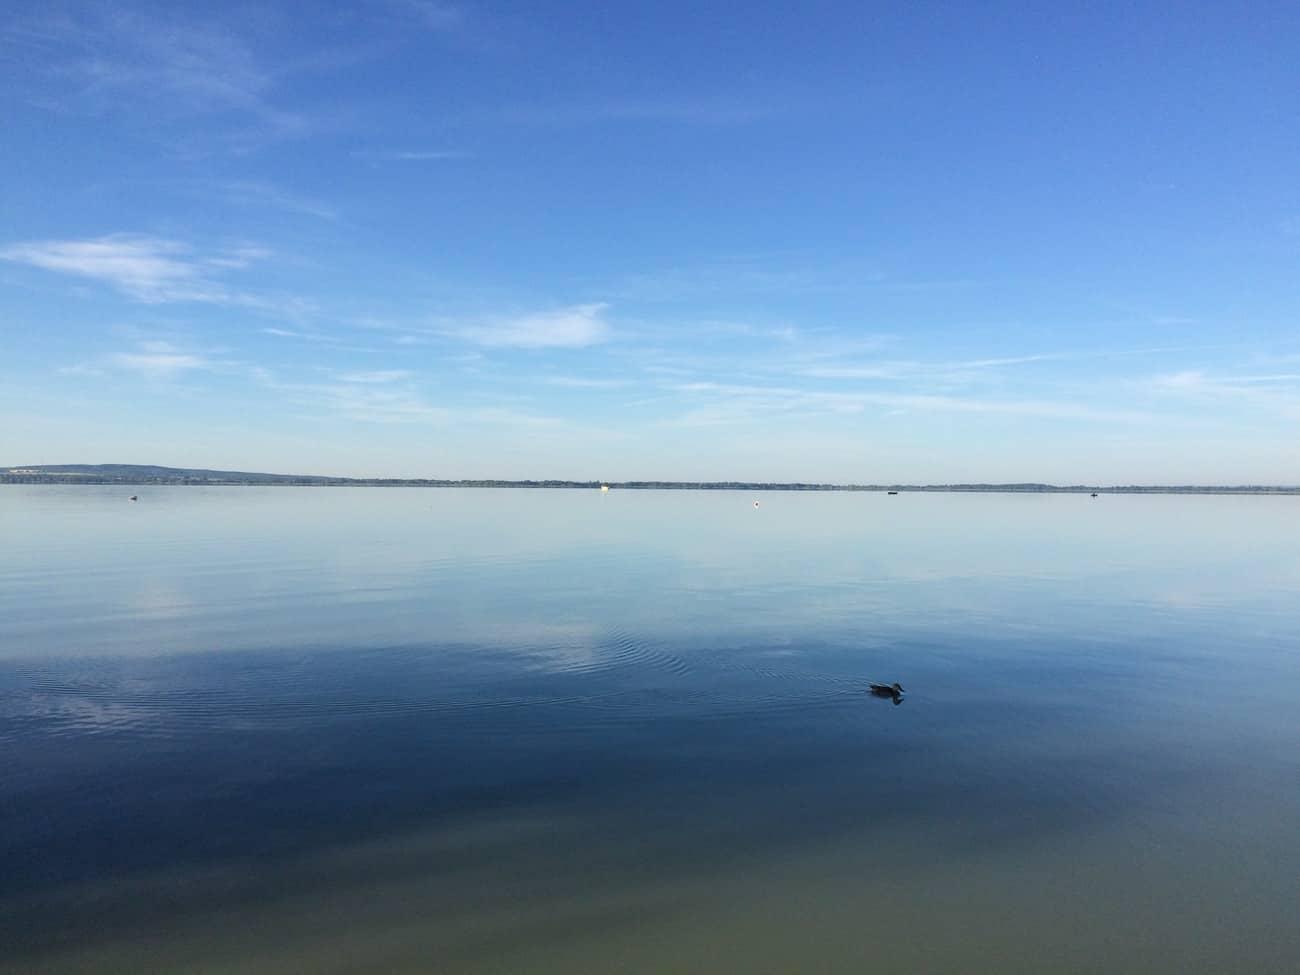 Hungary Lake Balaton flat